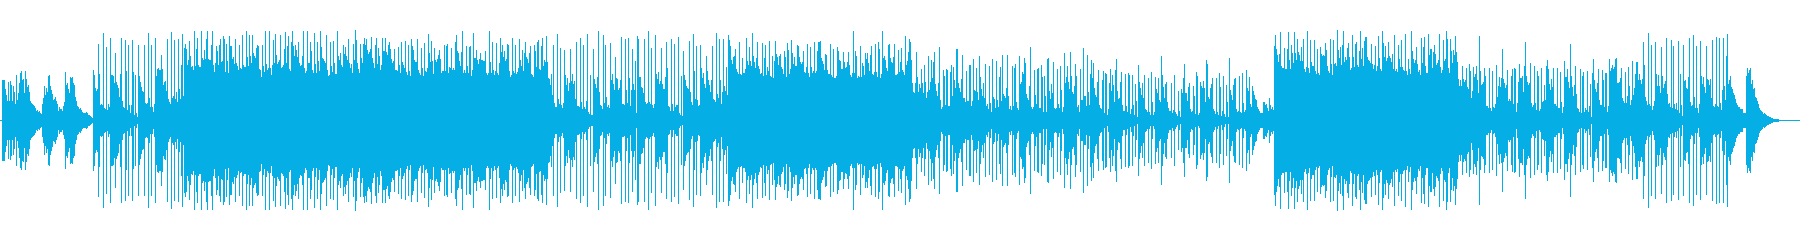 ゆったりとした雰囲気のヒップホップの再生済みの波形